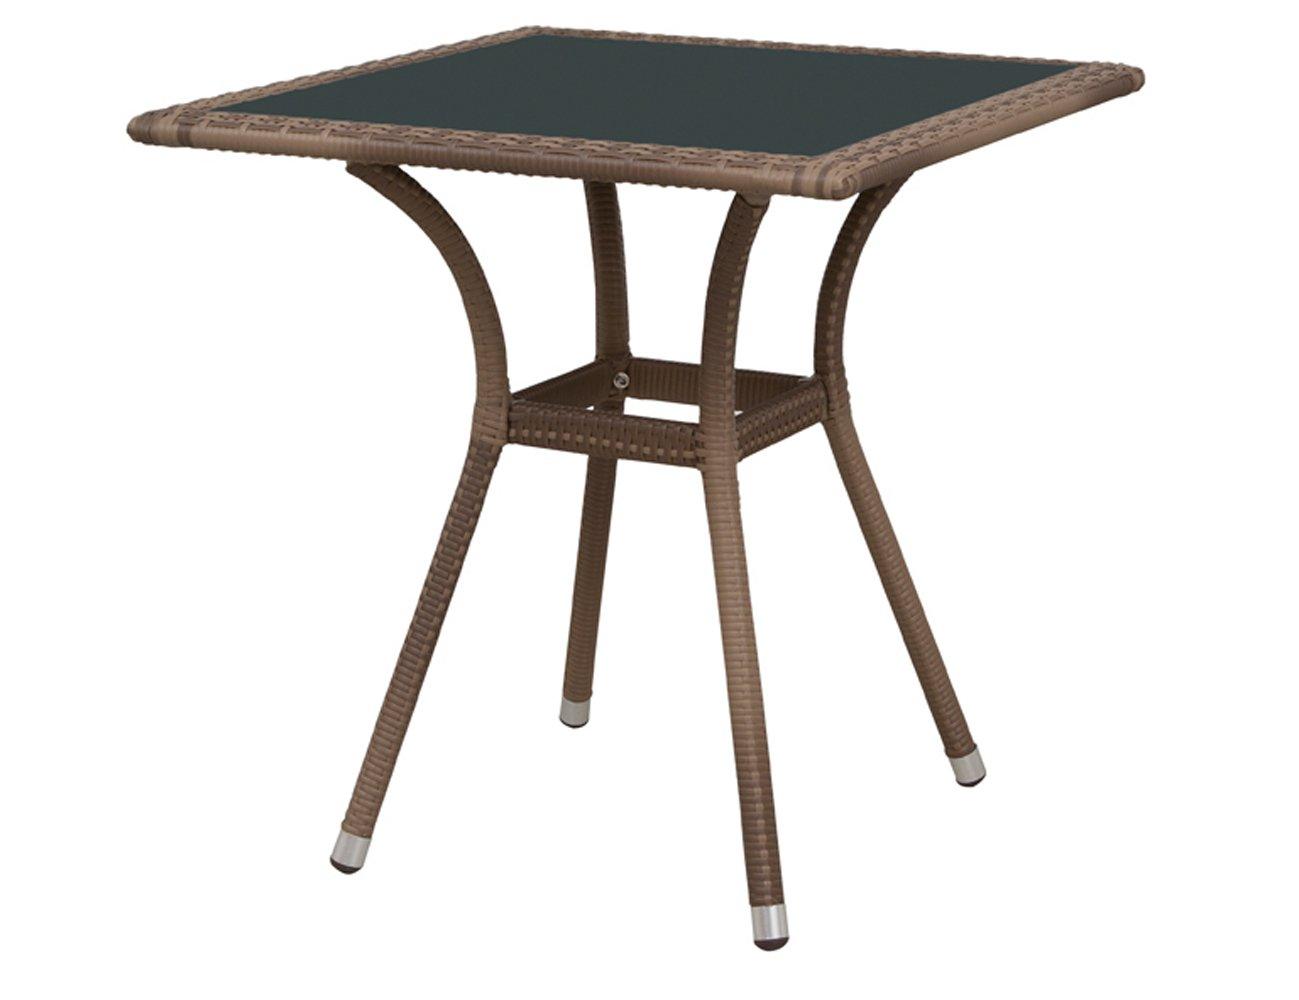 Siena Garden 800268 Tisch Wien, 70x70cm Aluminium-Gestell Gardino®-Geflecht sand Glasplatte mocca, Aluminium-Fußkappen